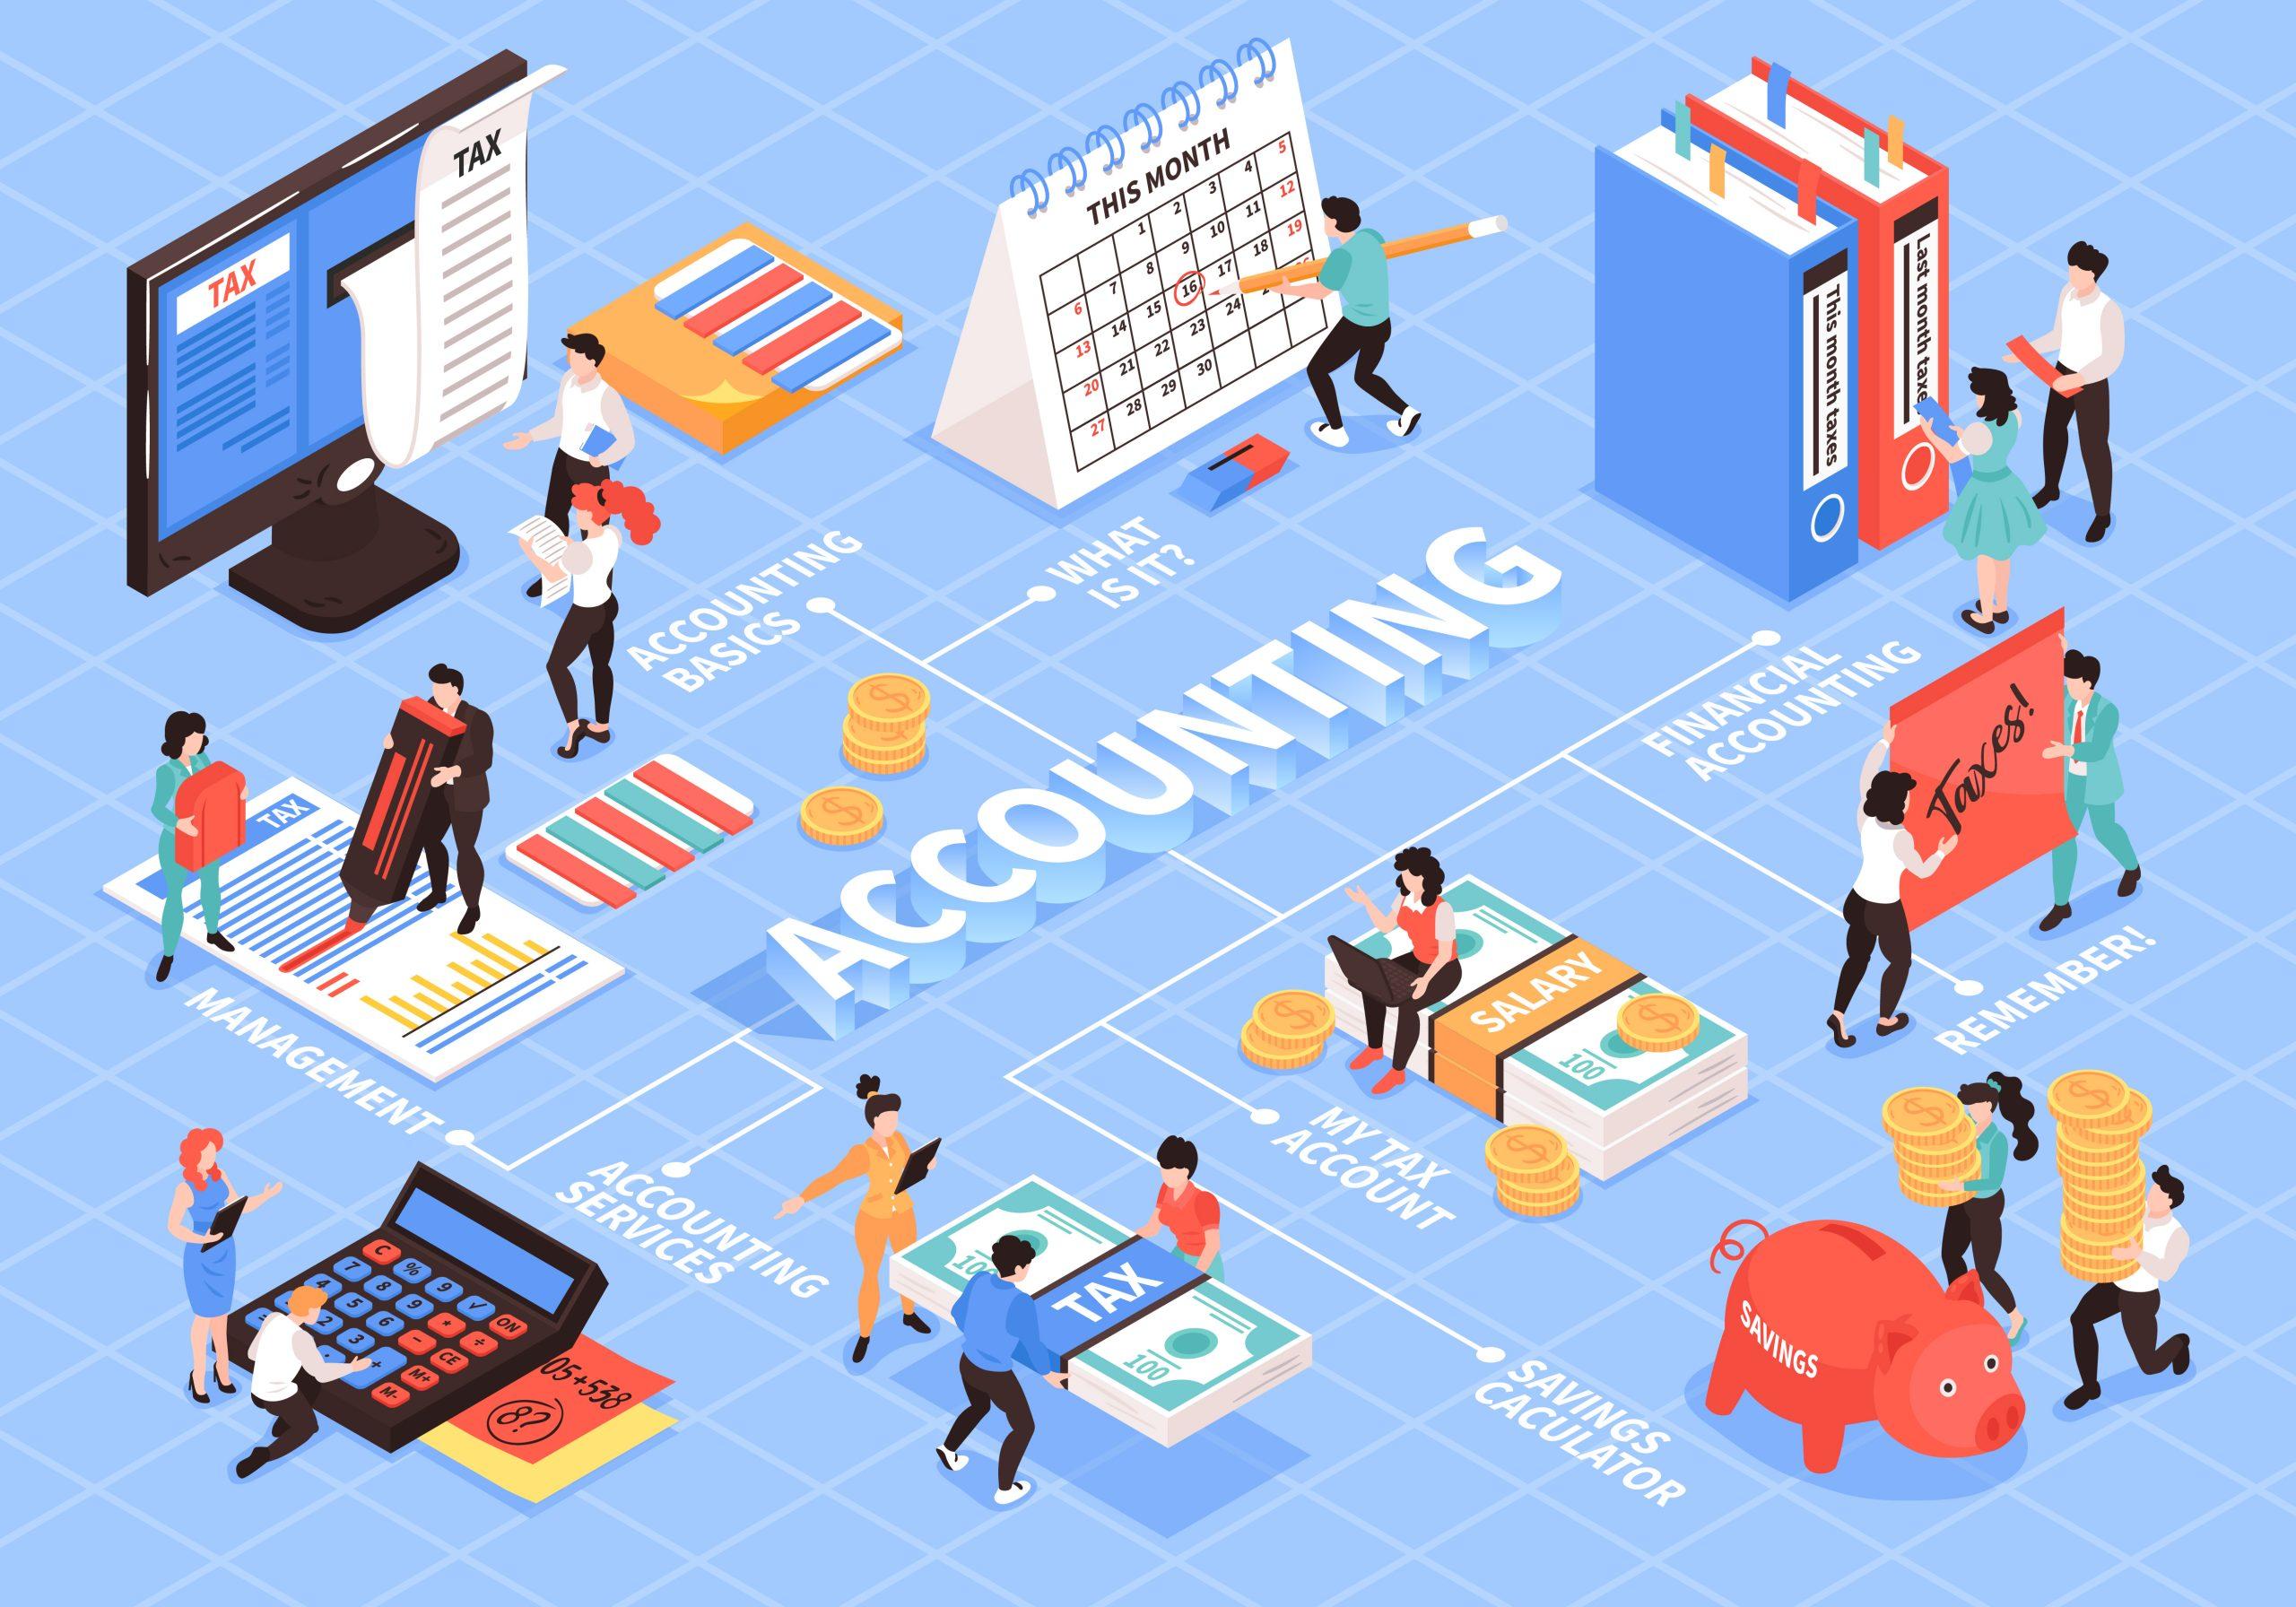 Phần mềm sẽ xuất ra các báo cáo tổng quan về tình hình kinh doanh của doanh nghiệp